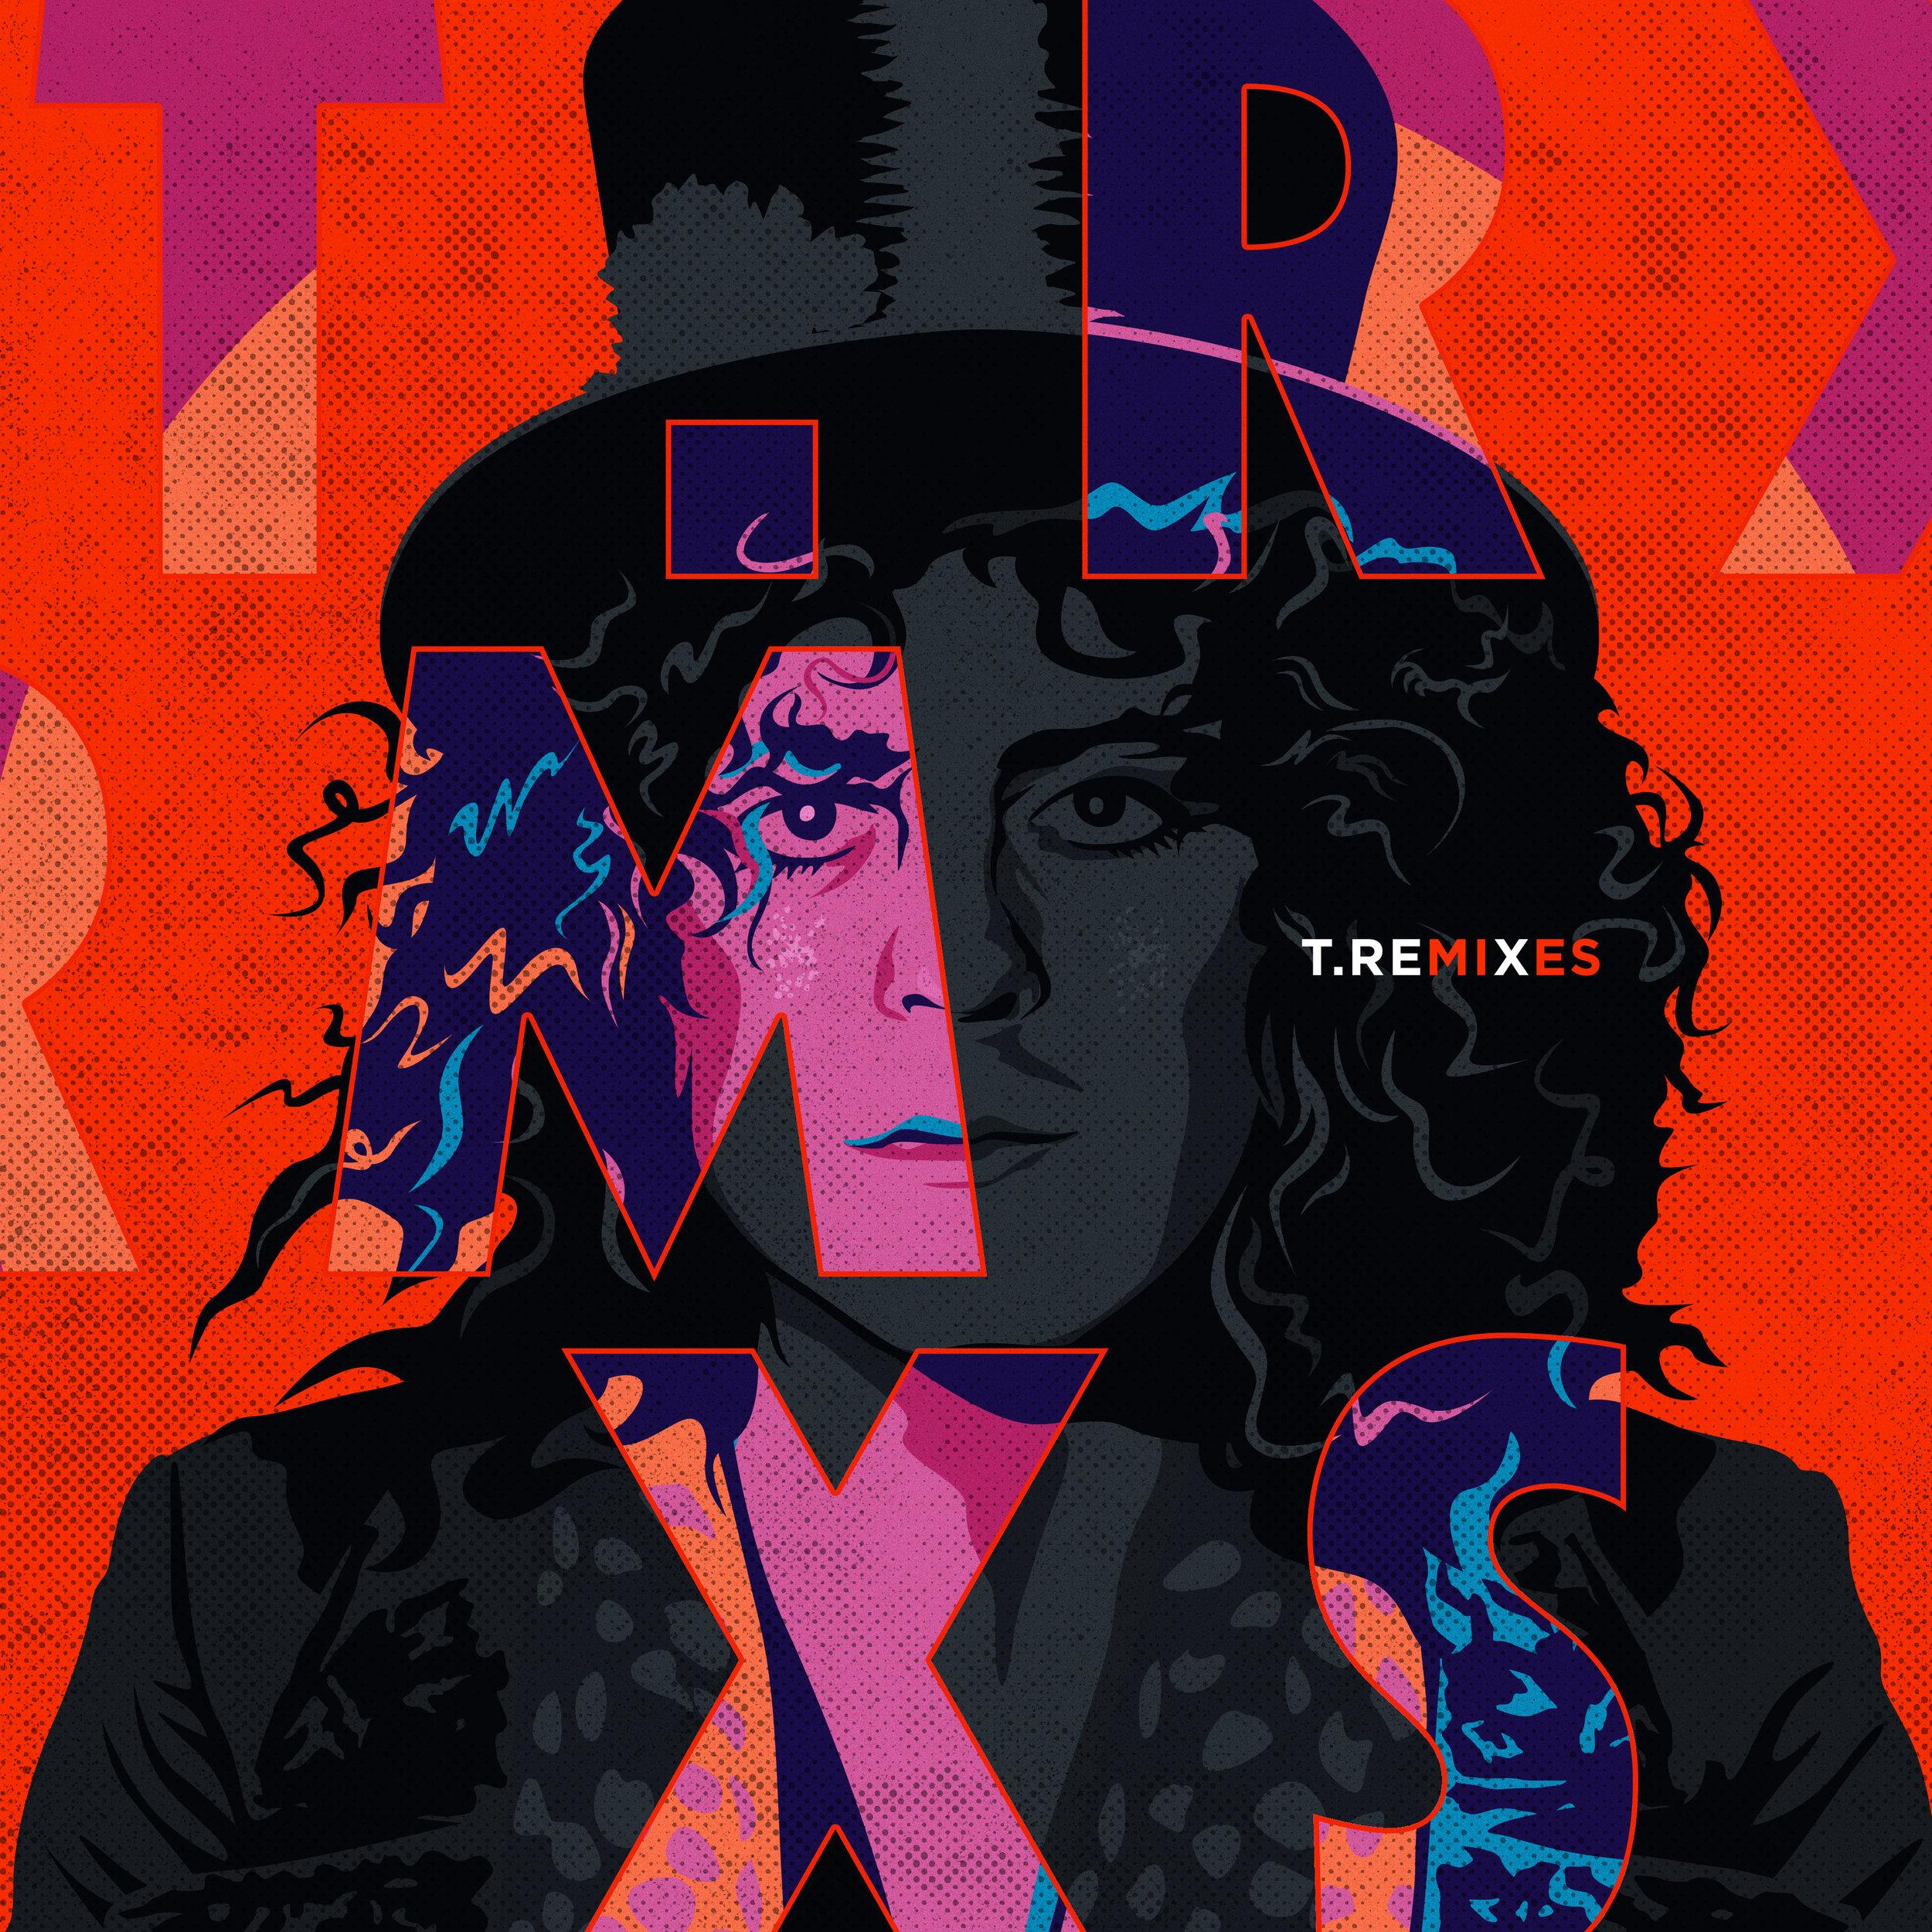 TRex_Remixes_Front.jpg